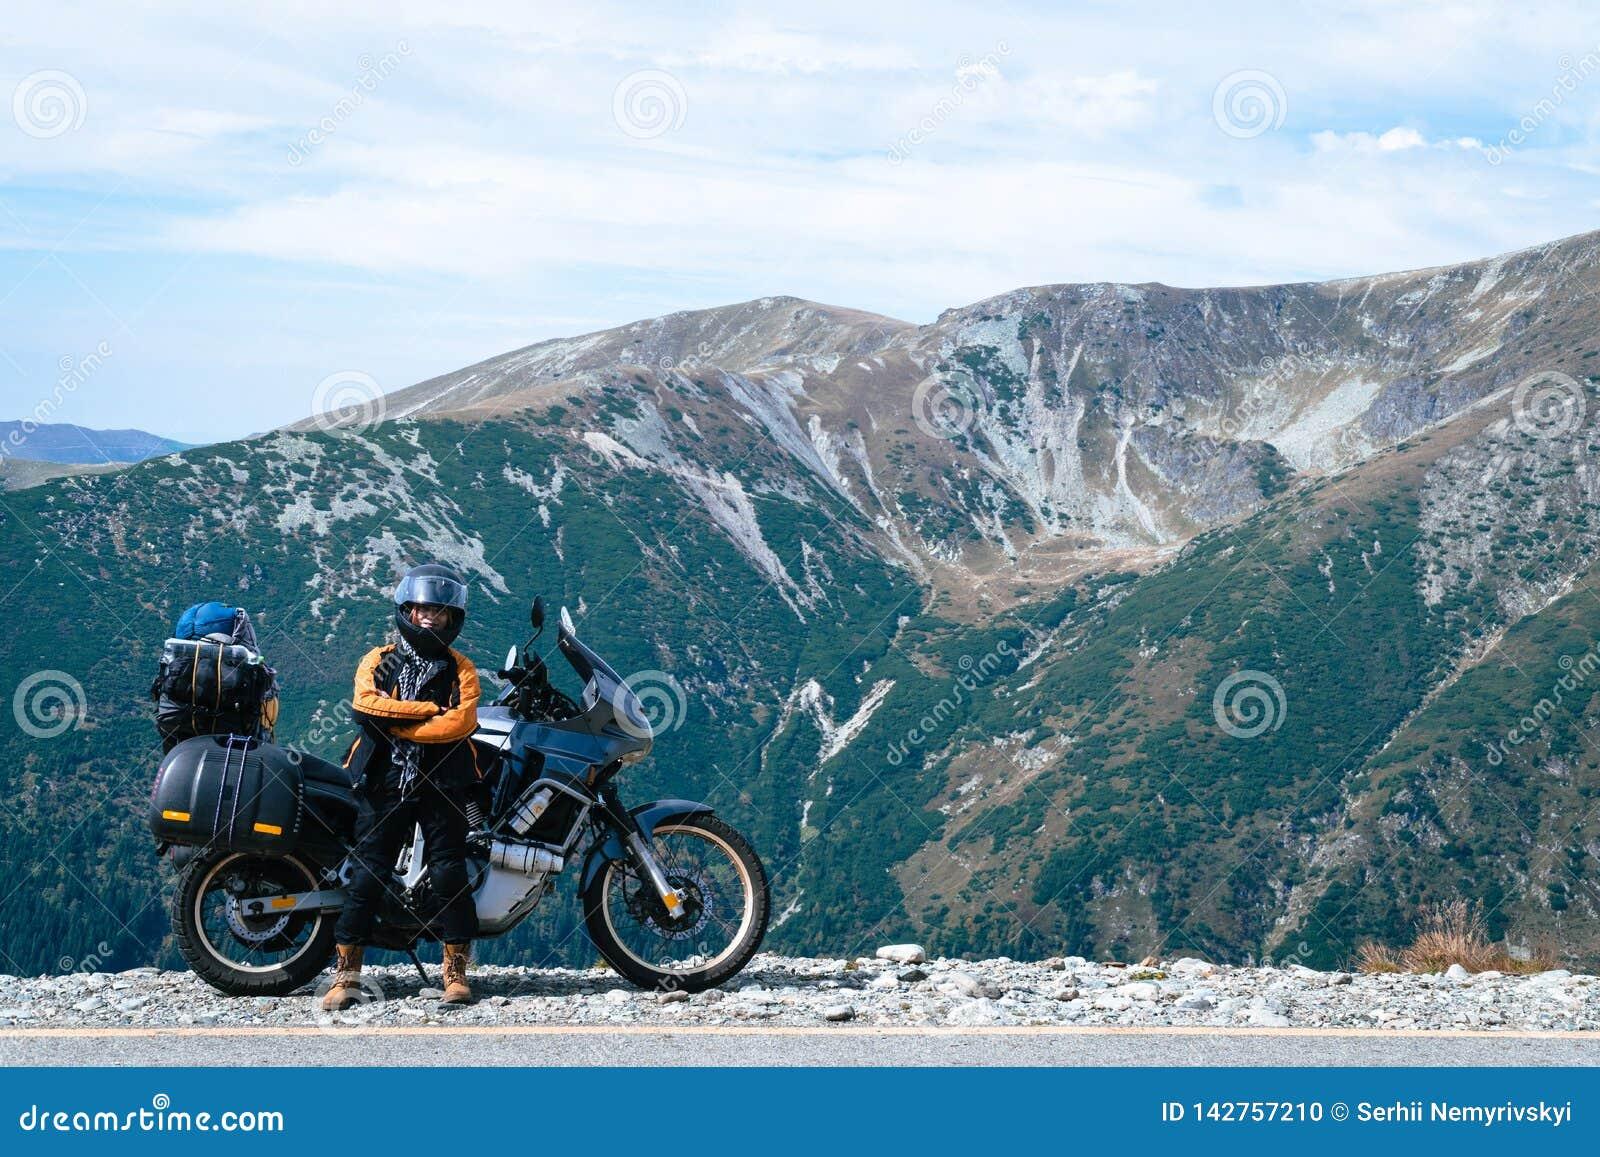 Ποδηλάτης γυναικών και τοπ δρόμος βουνών μοτοσικλετών adveture Ταξίδι, διακοπές στην Ευρώπη, τρόπος μοτοσυκλετιστών, τουρισμός, T